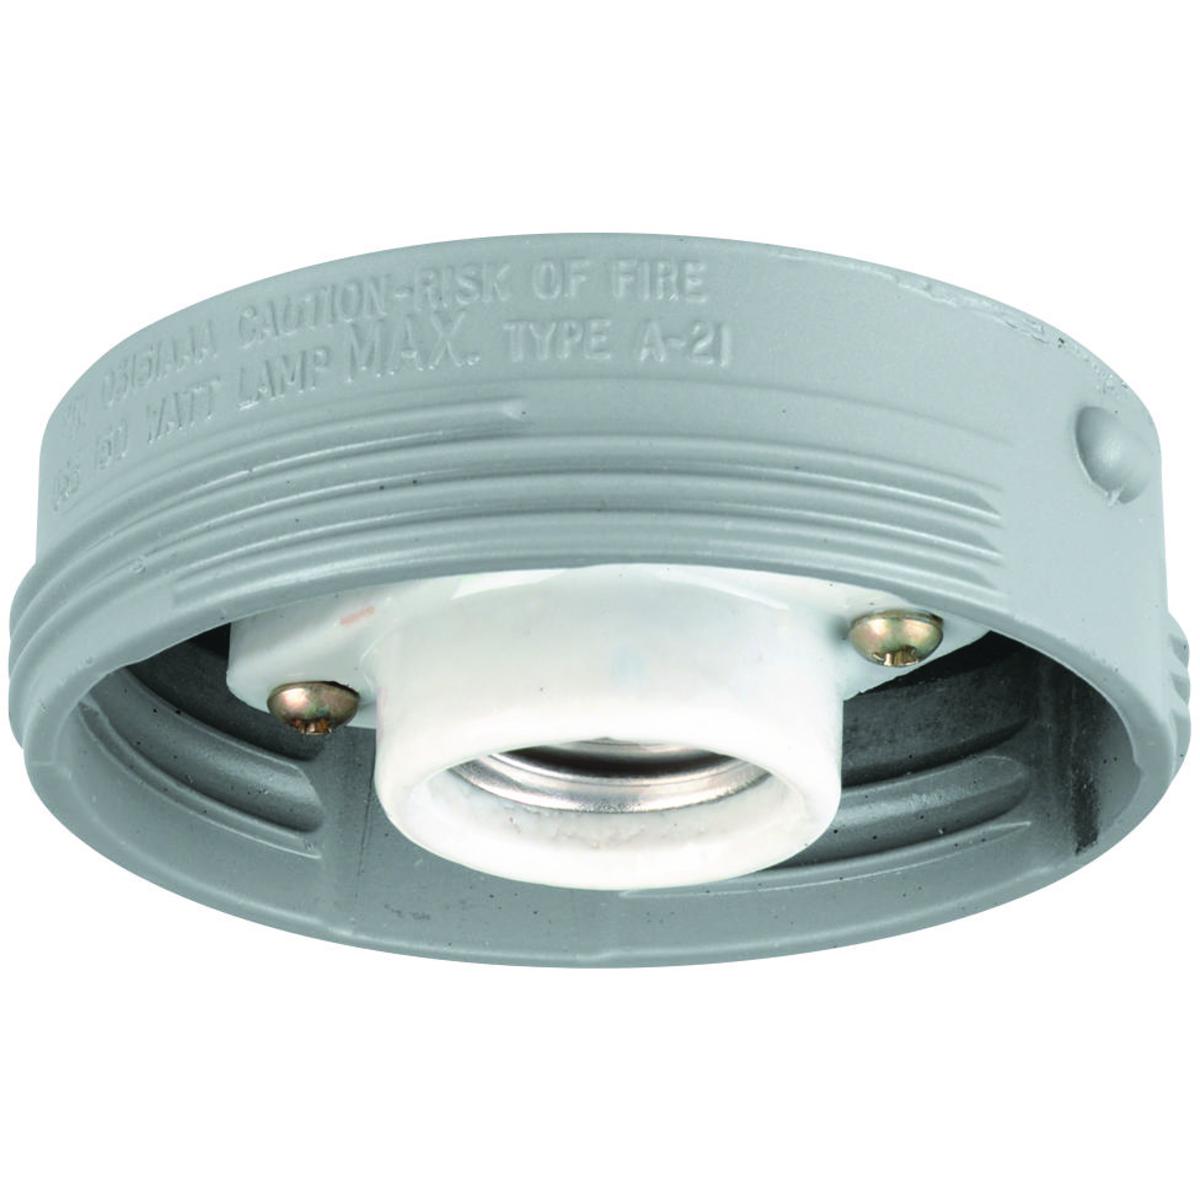 Hubbell VXFC-100N34 Light Fixture Body